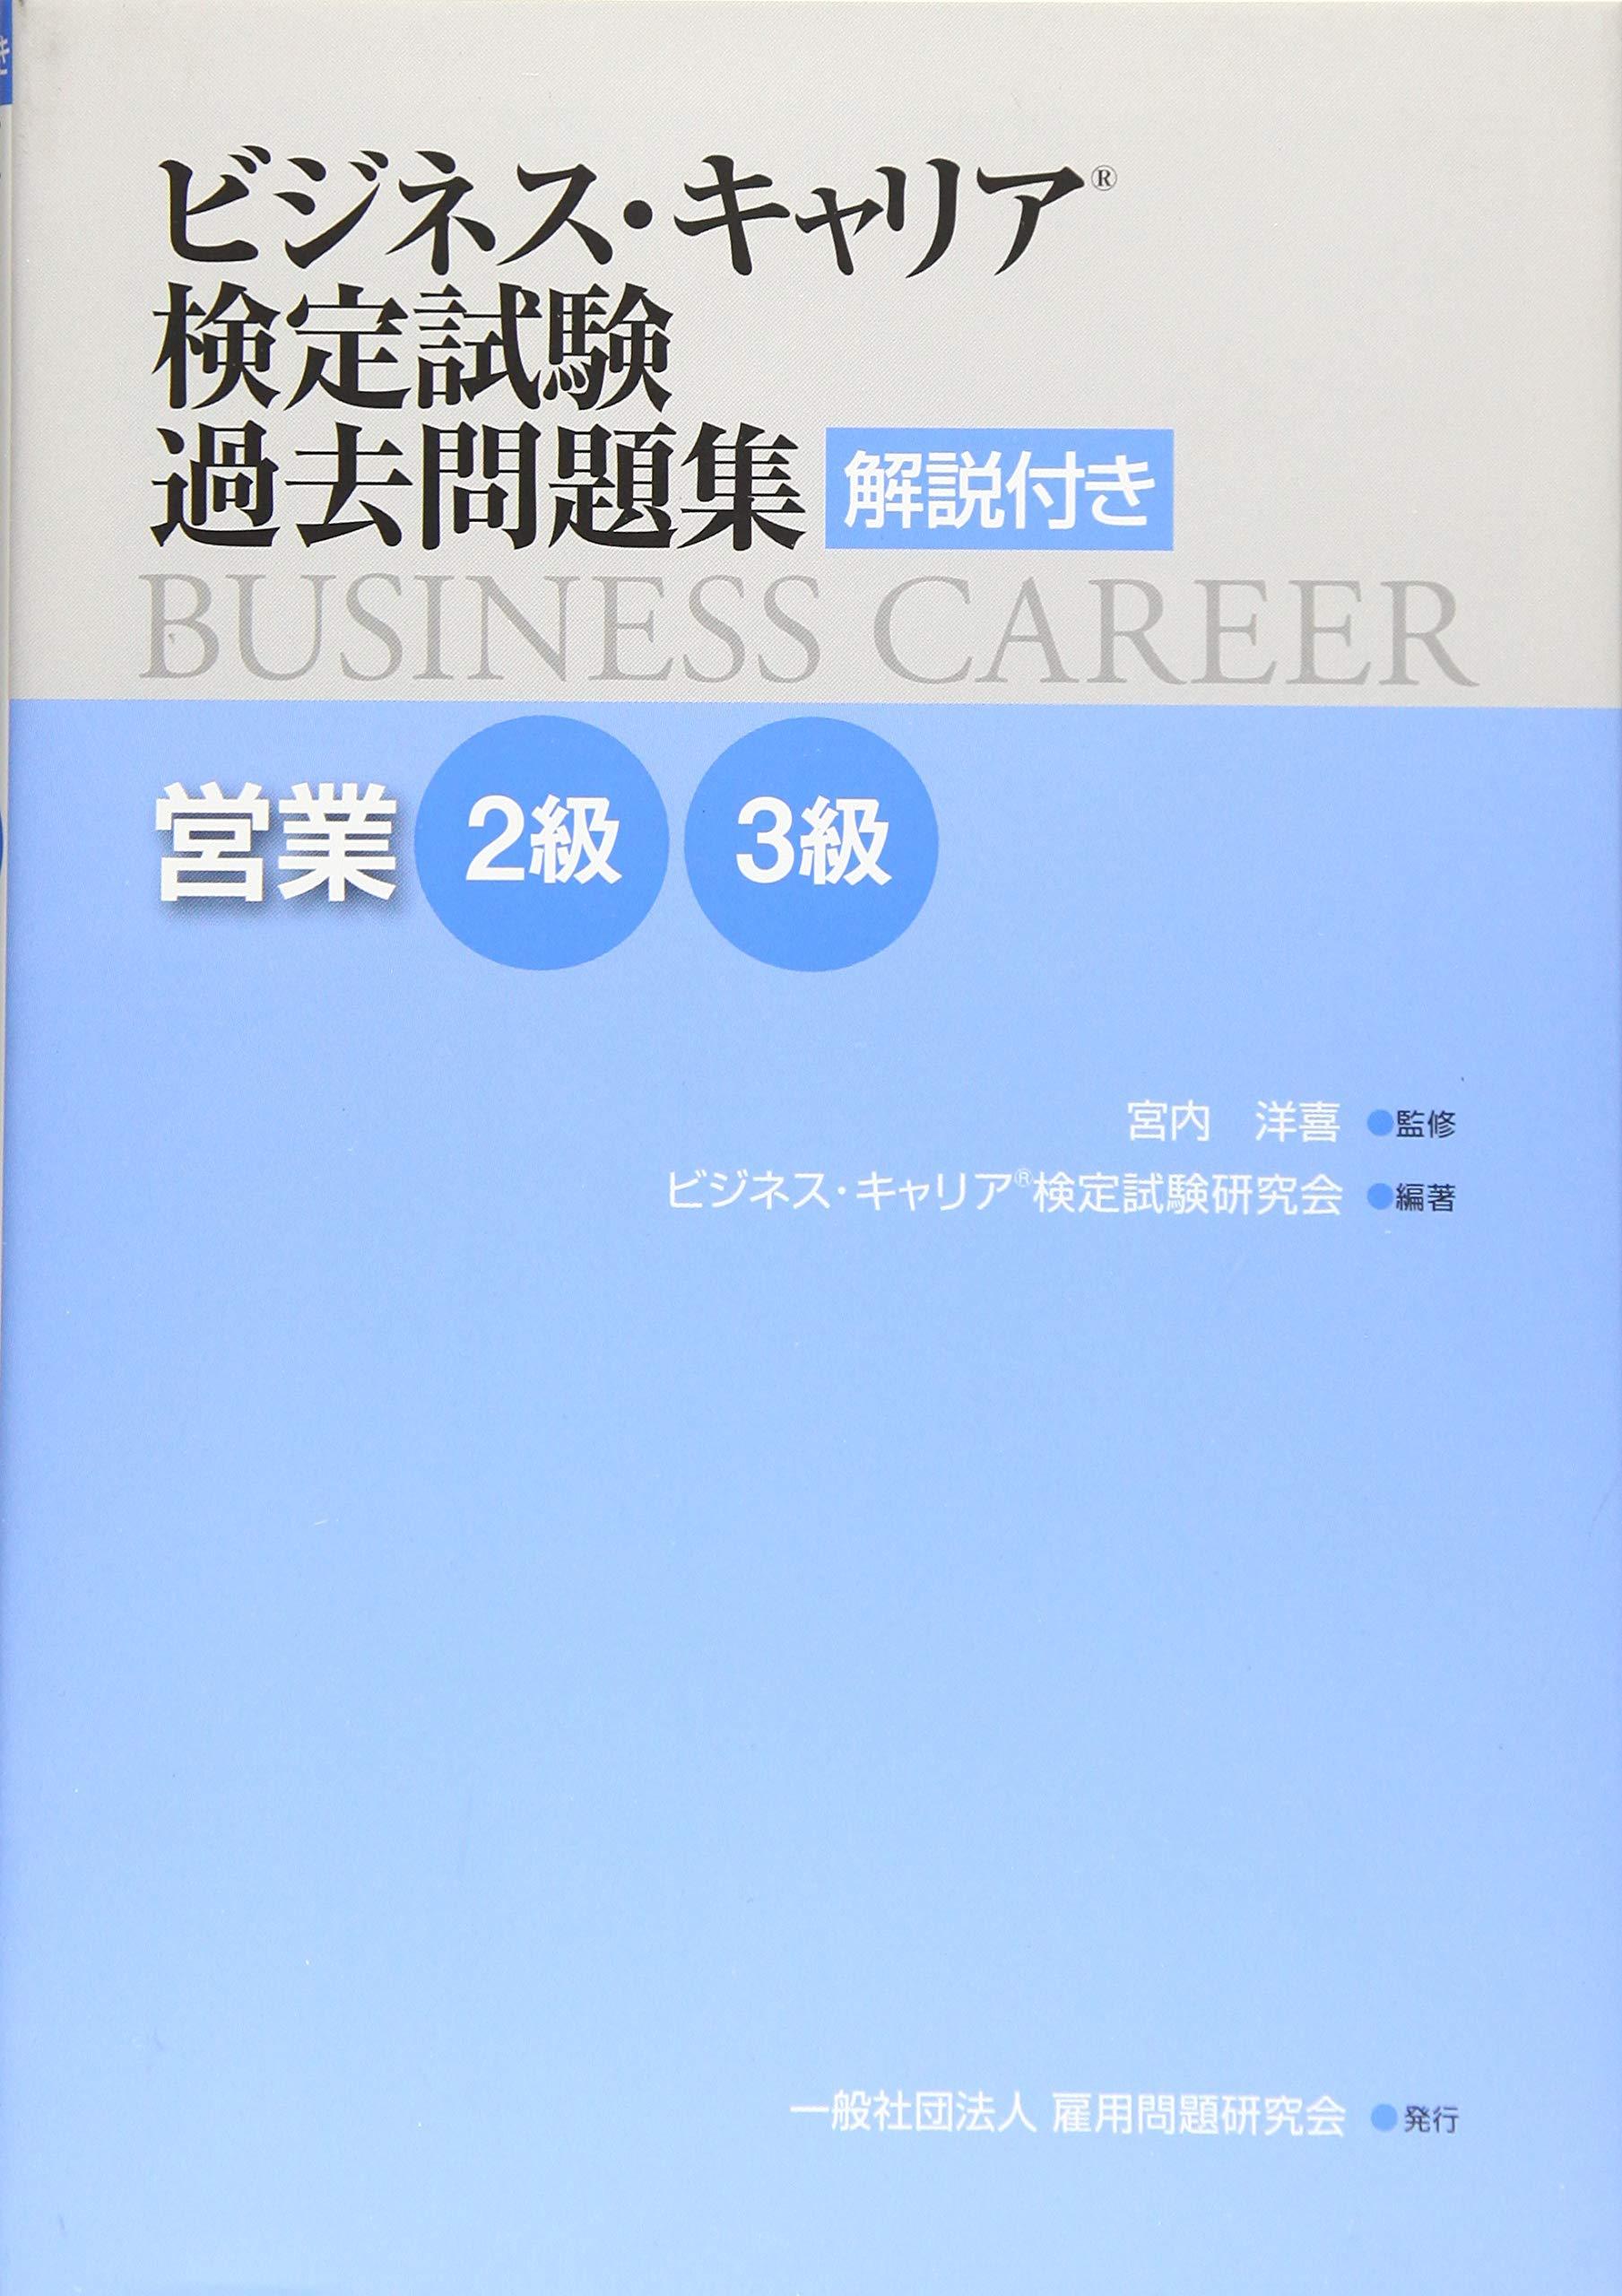 検定 ビジネス キャリア